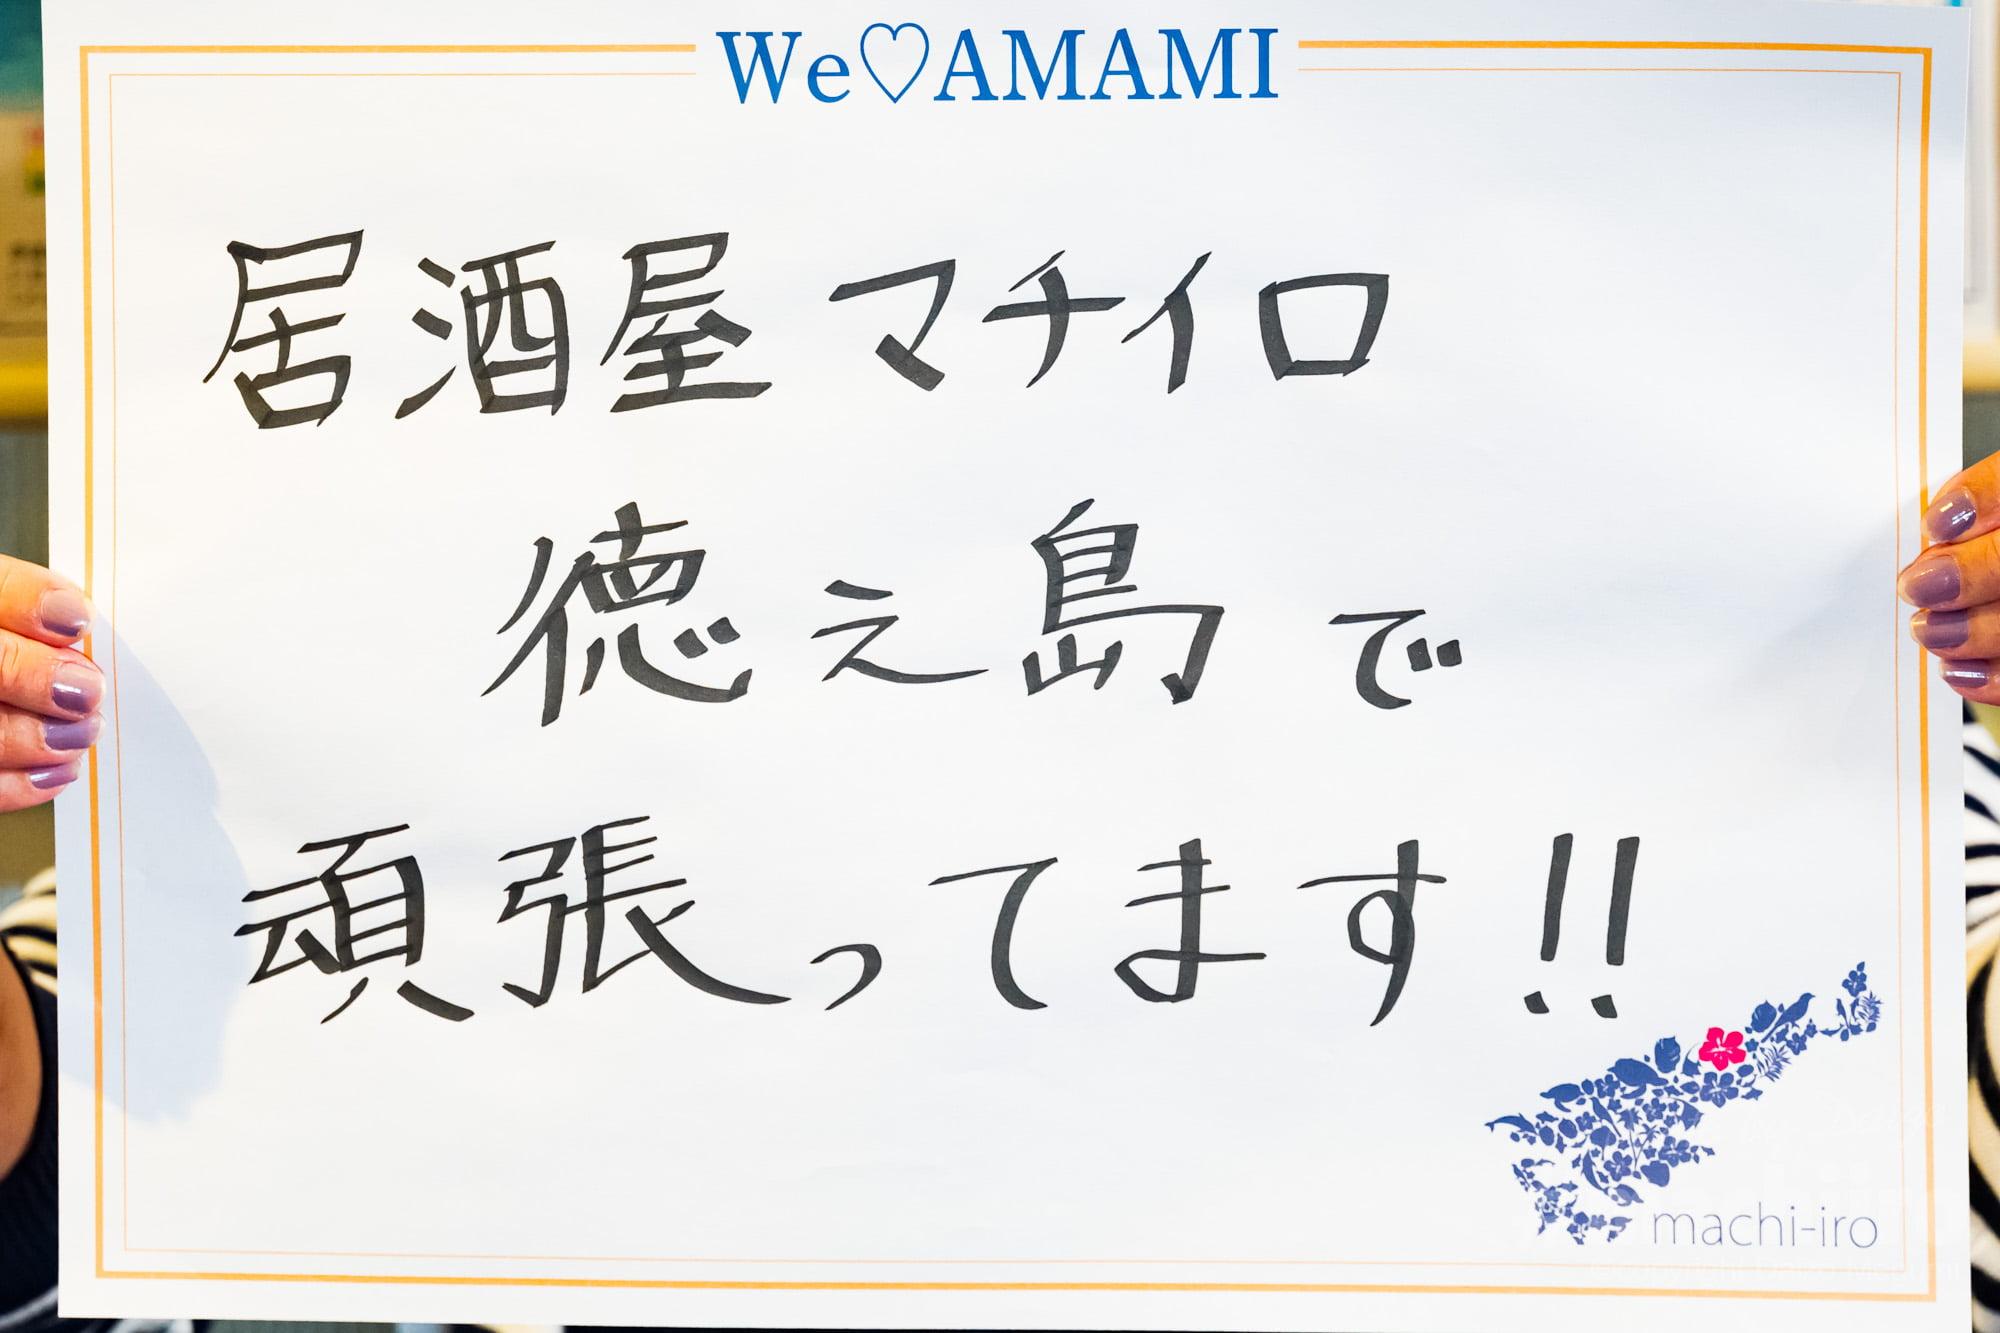 Weloveamami Machiiro 記事写真 3